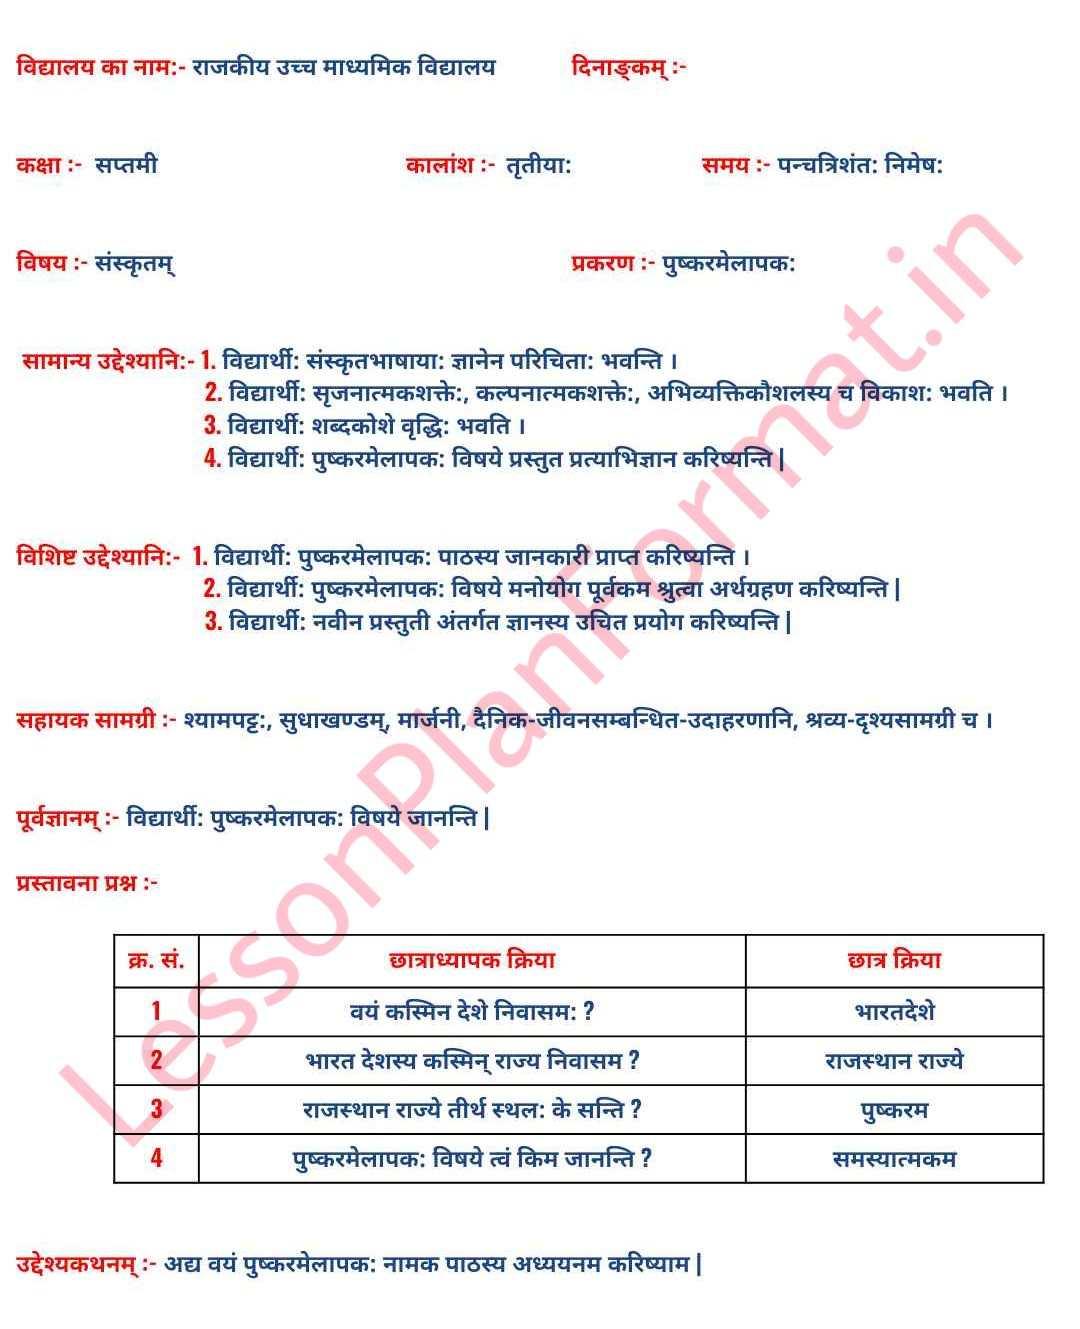 Class 7 Lesson For Sanskrit Pushkar Mela